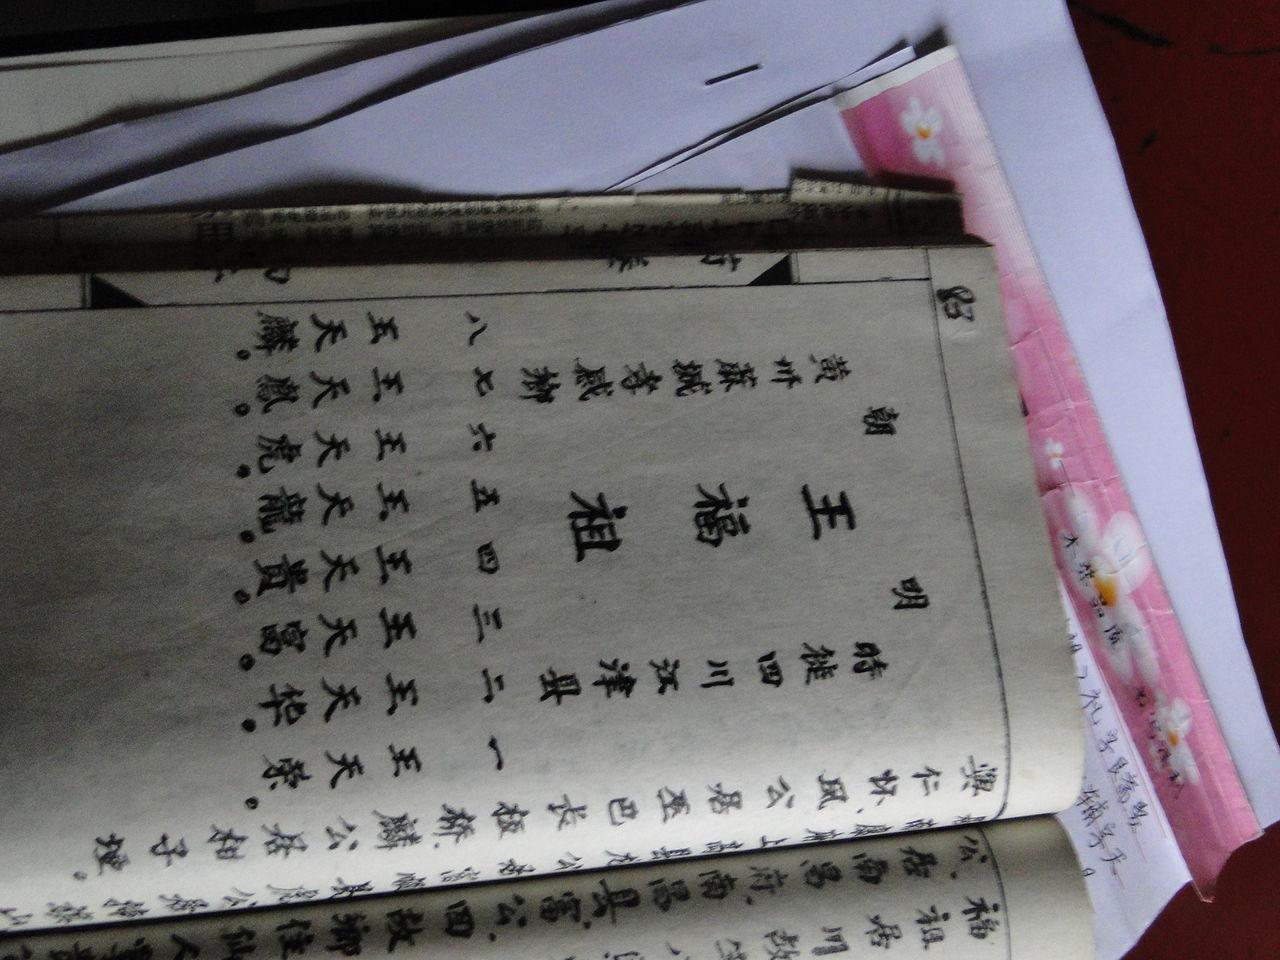 贵州桐梓王氏大修族谱图片